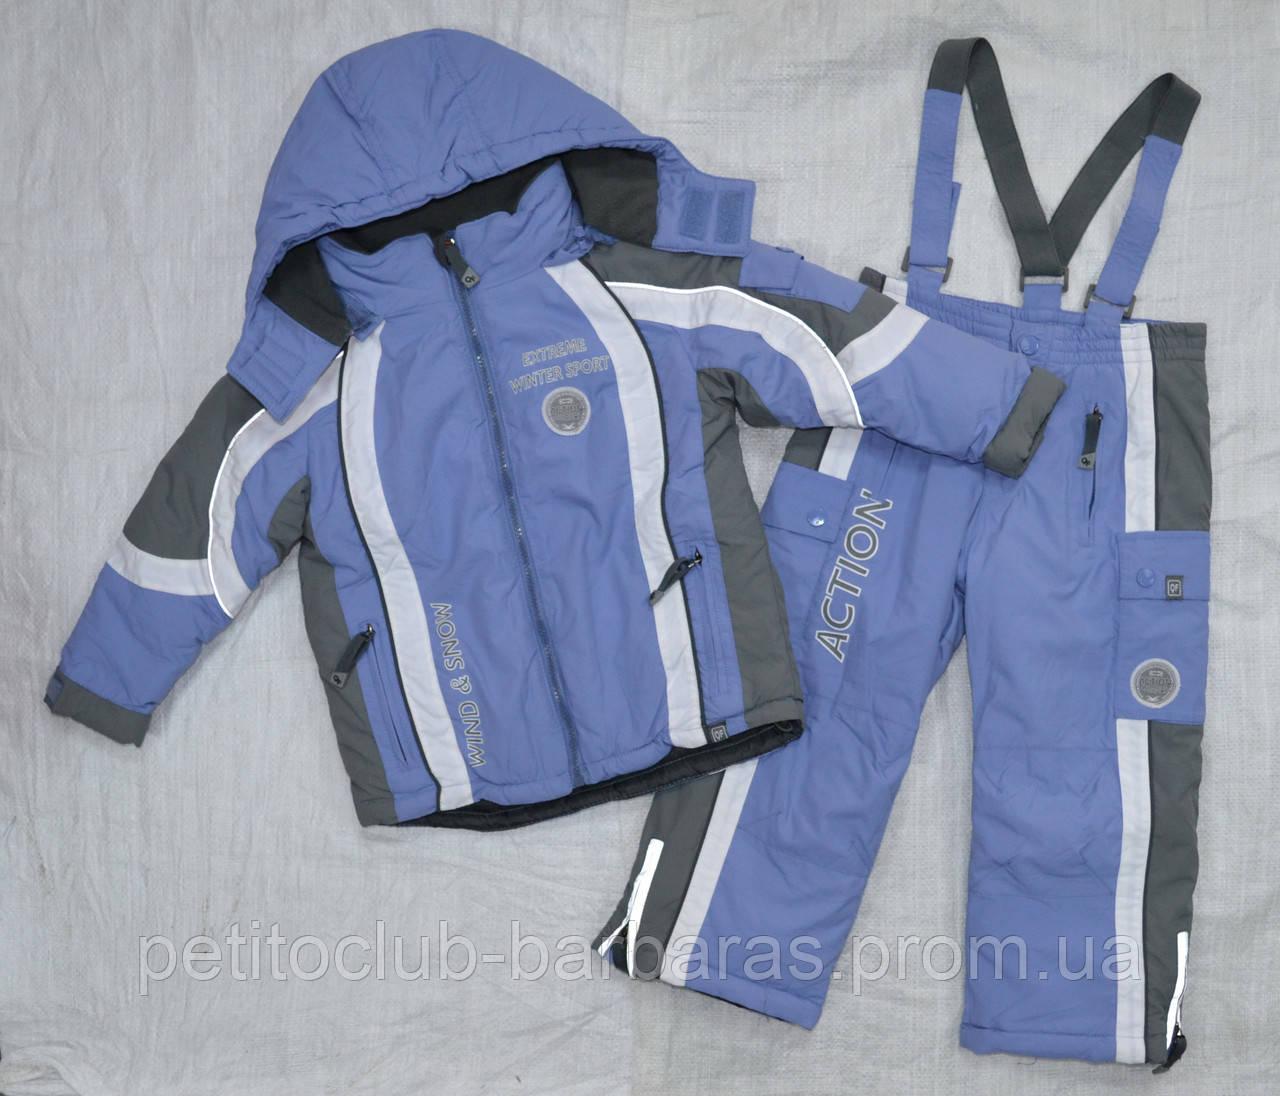 Зимний комплект: куртка и штаны фиолетовый (QuadriFoglio, Польша)